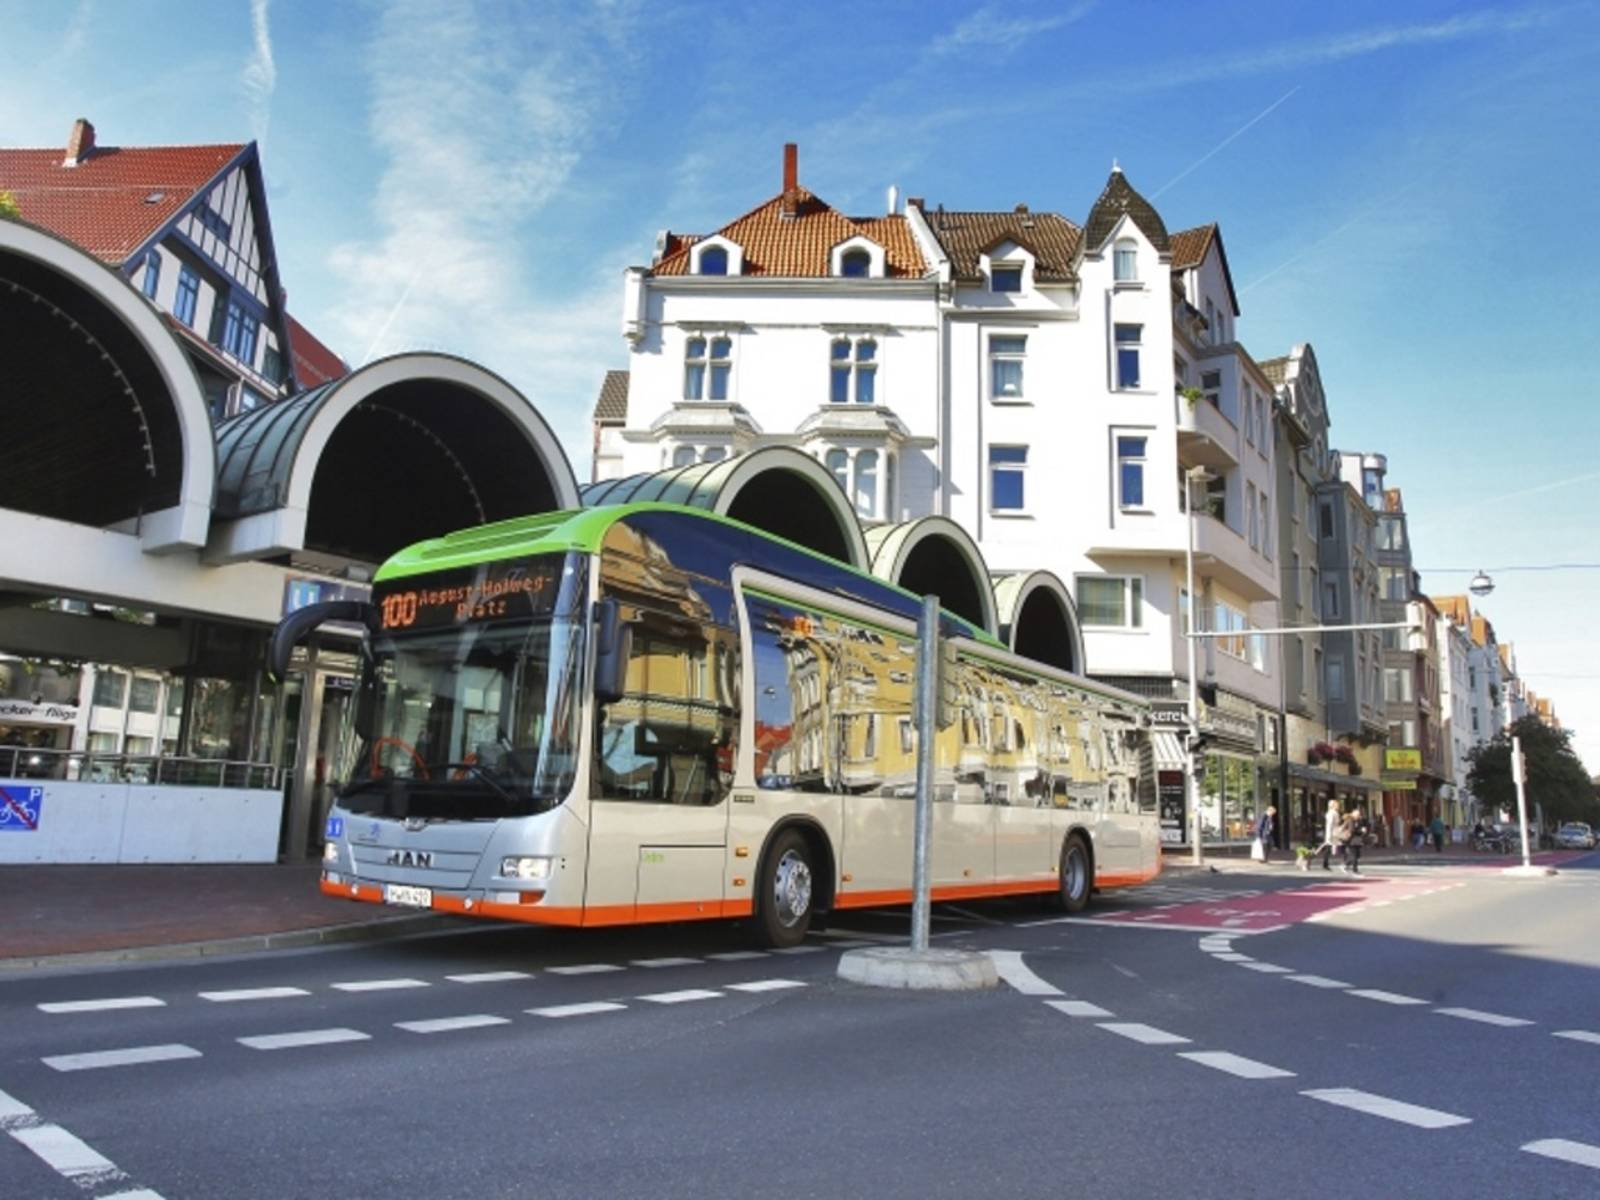 Hybridbus der Uestra am Lister Platz